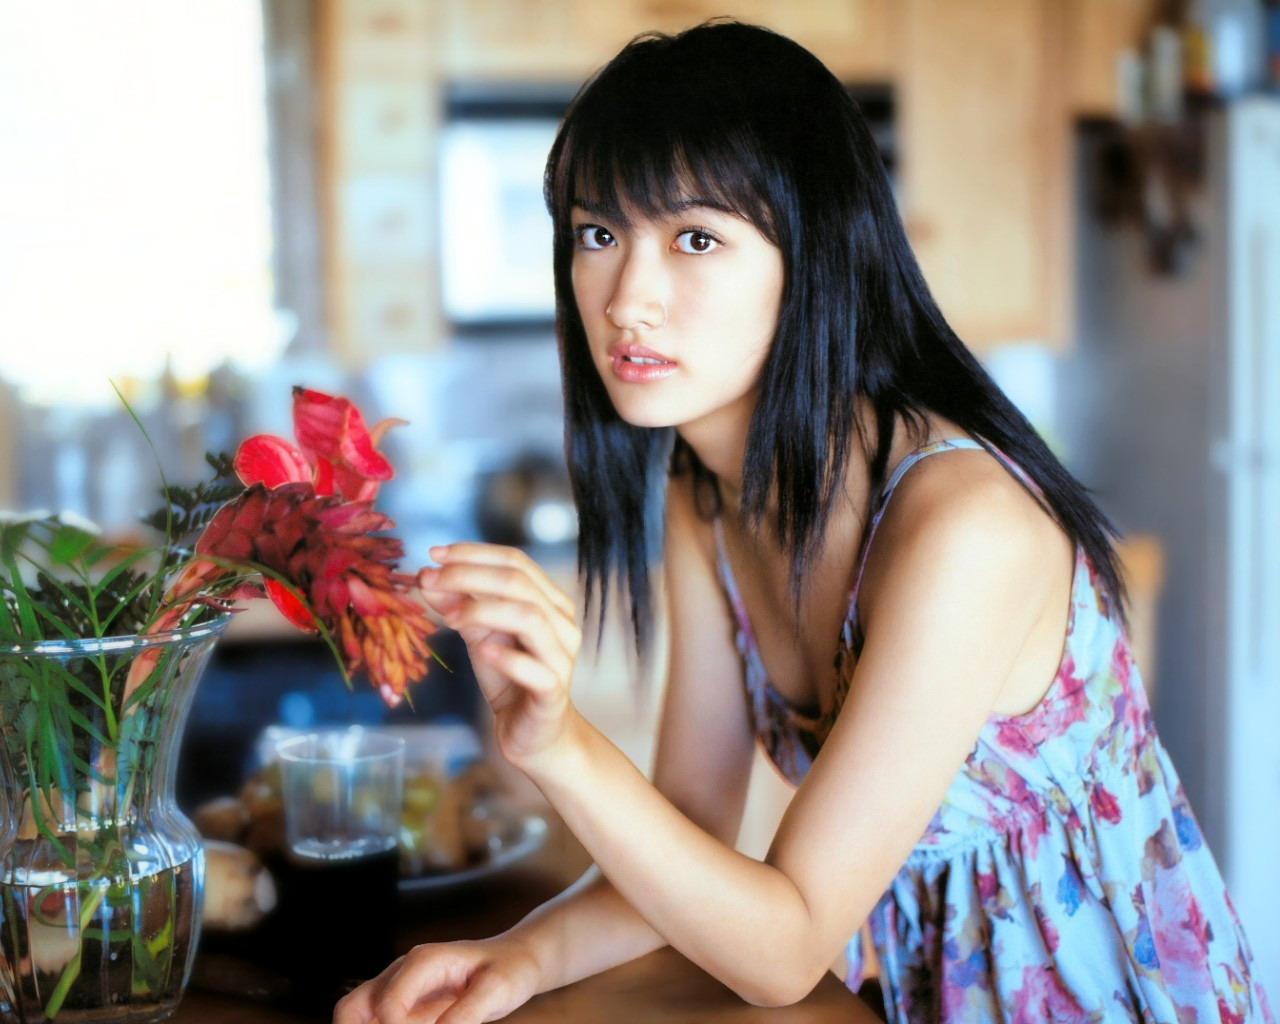 Фото актриса кирара асука 12 фотография